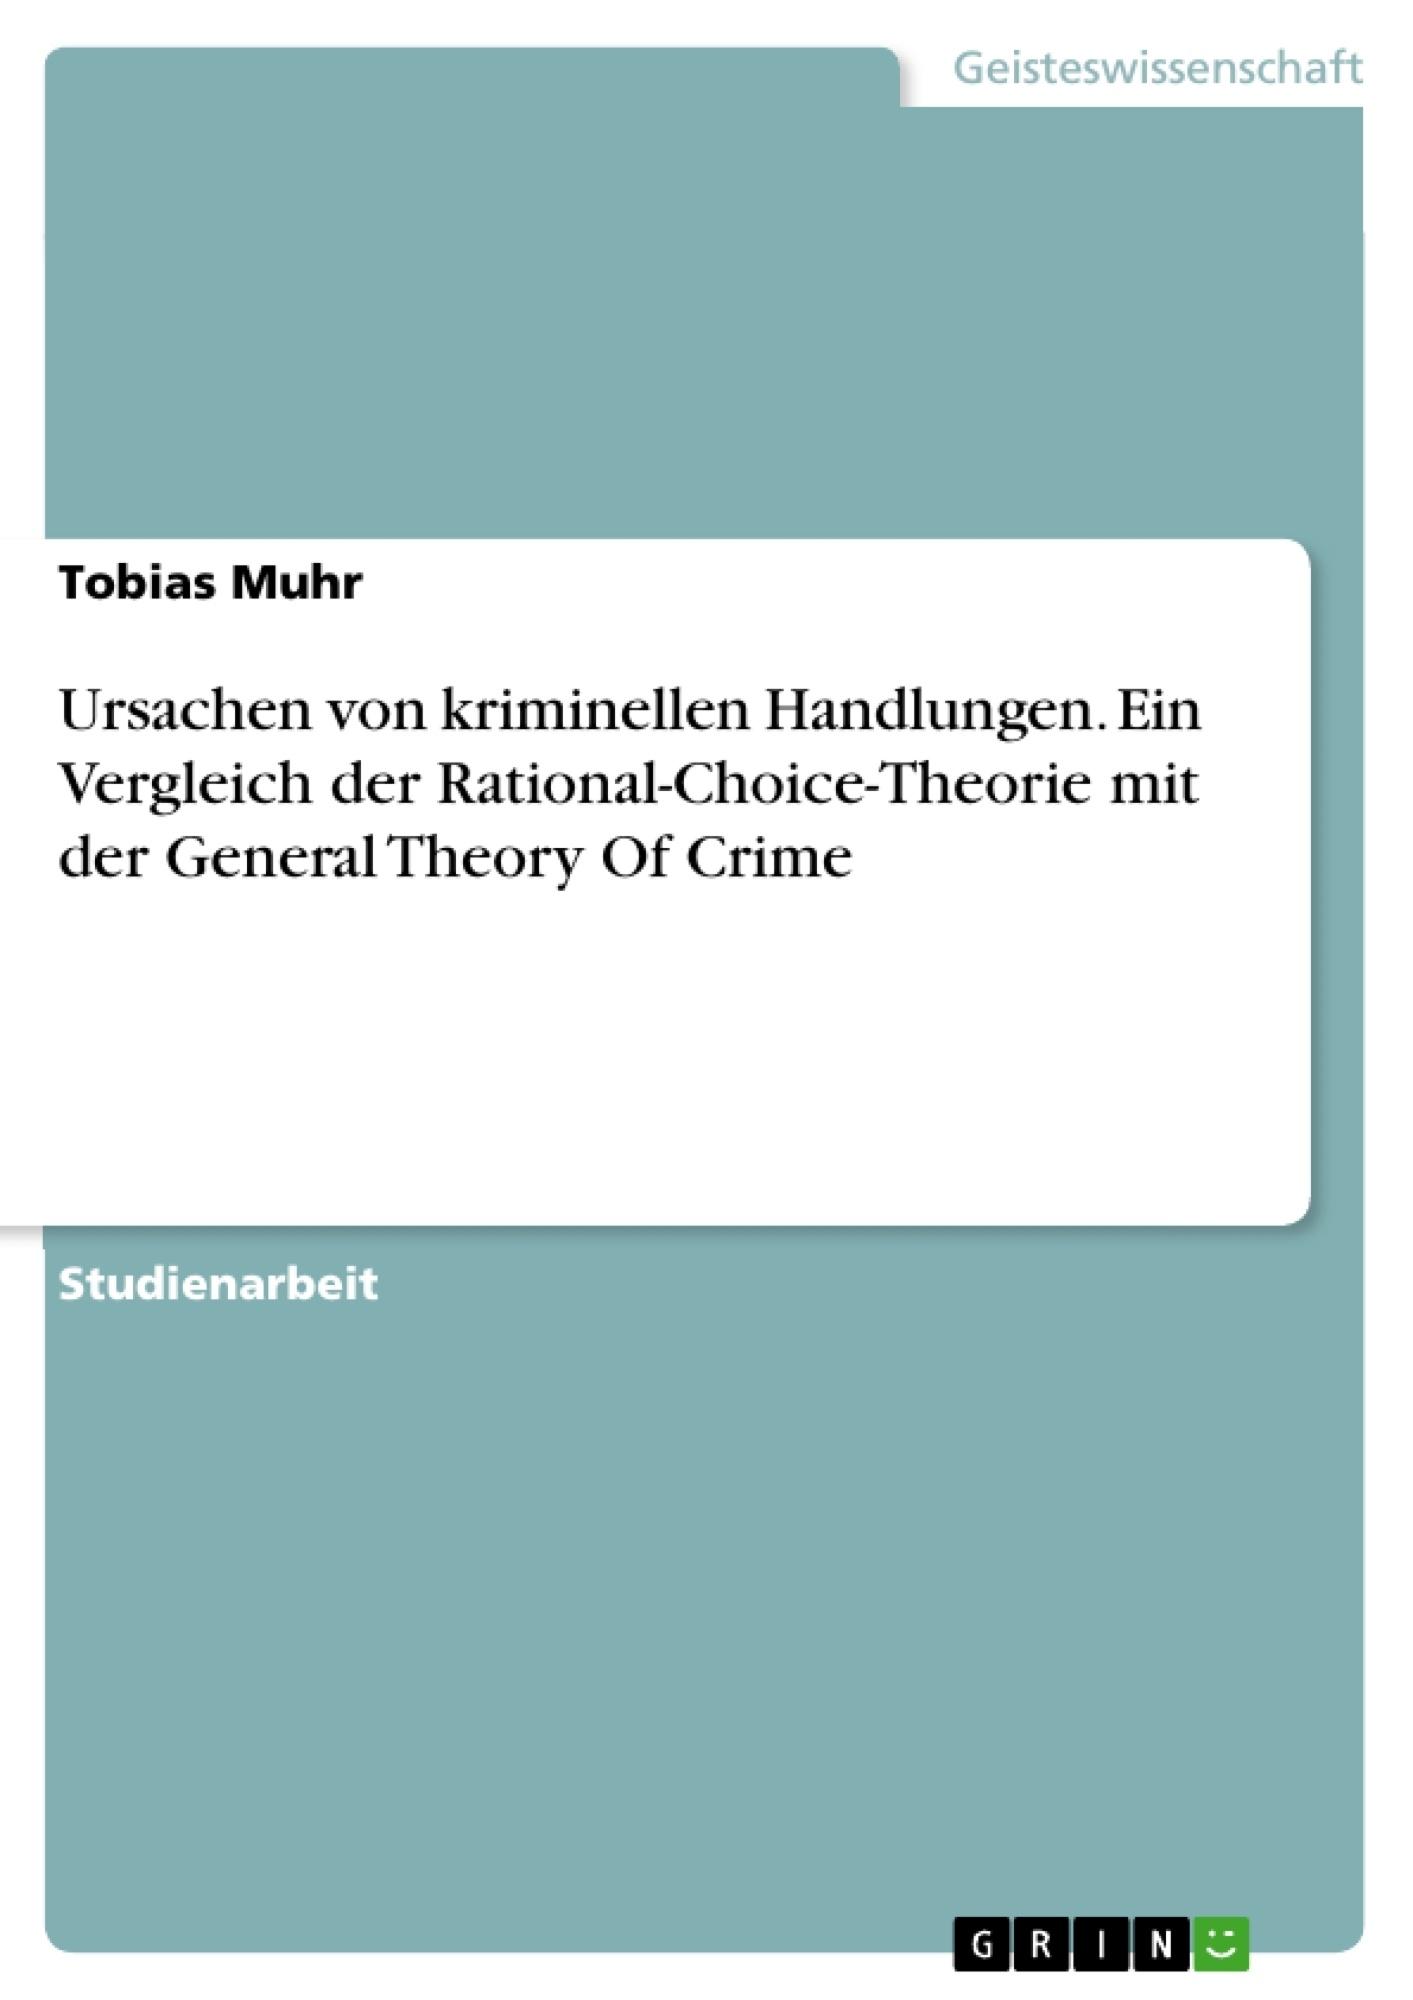 Titel: Ursachen von kriminellen Handlungen. Ein Vergleich der Rational-Choice-Theorie mit der General Theory Of Crime